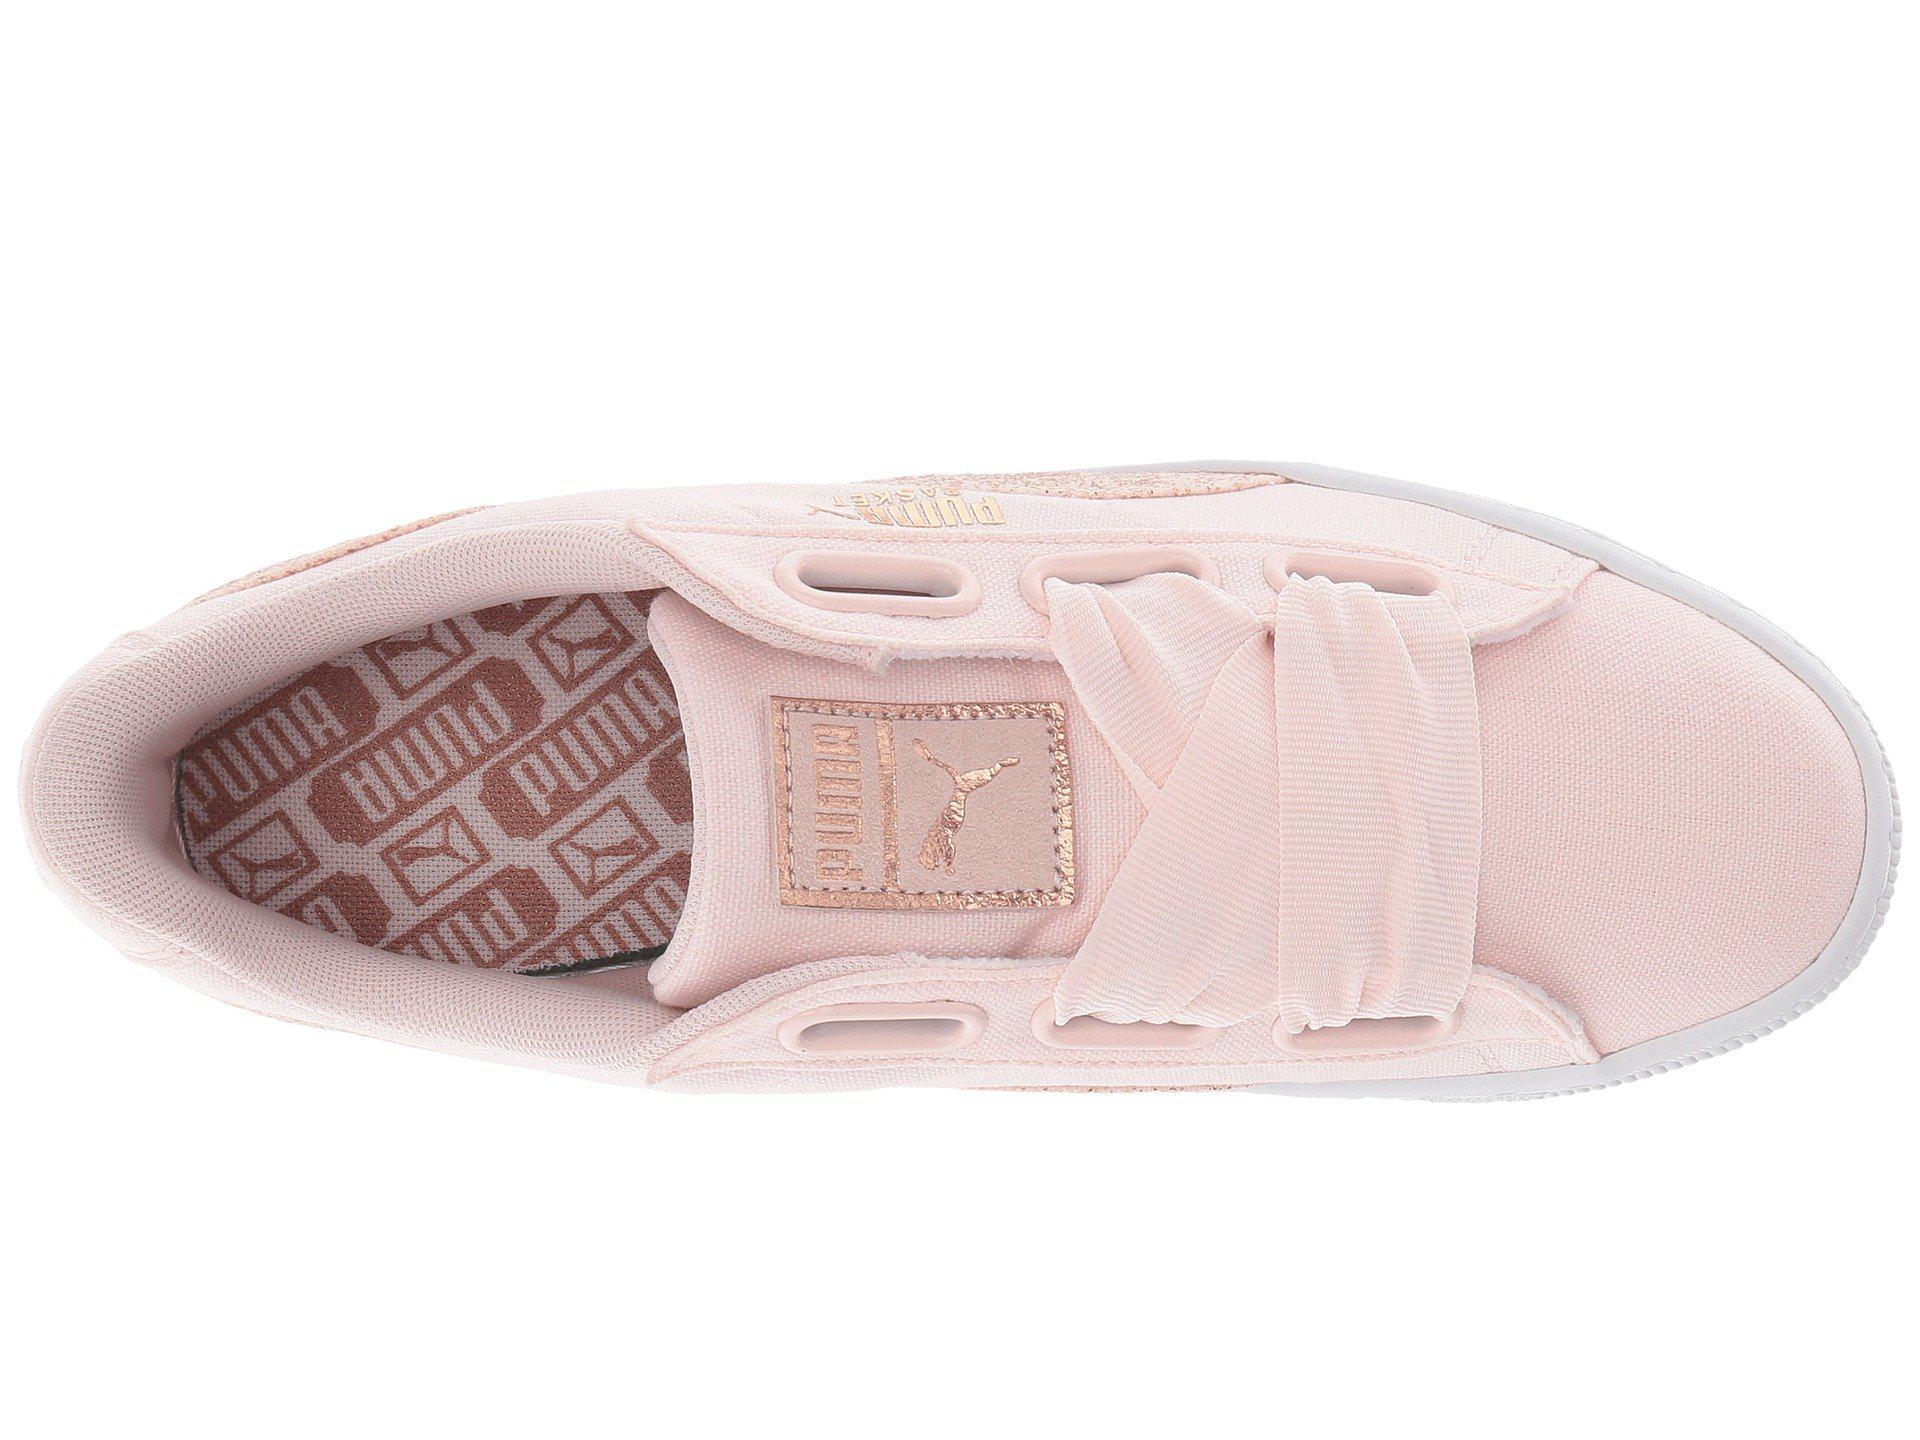 705175b96c5267 Lyst - PUMA Basket Heart Canvas in Pink